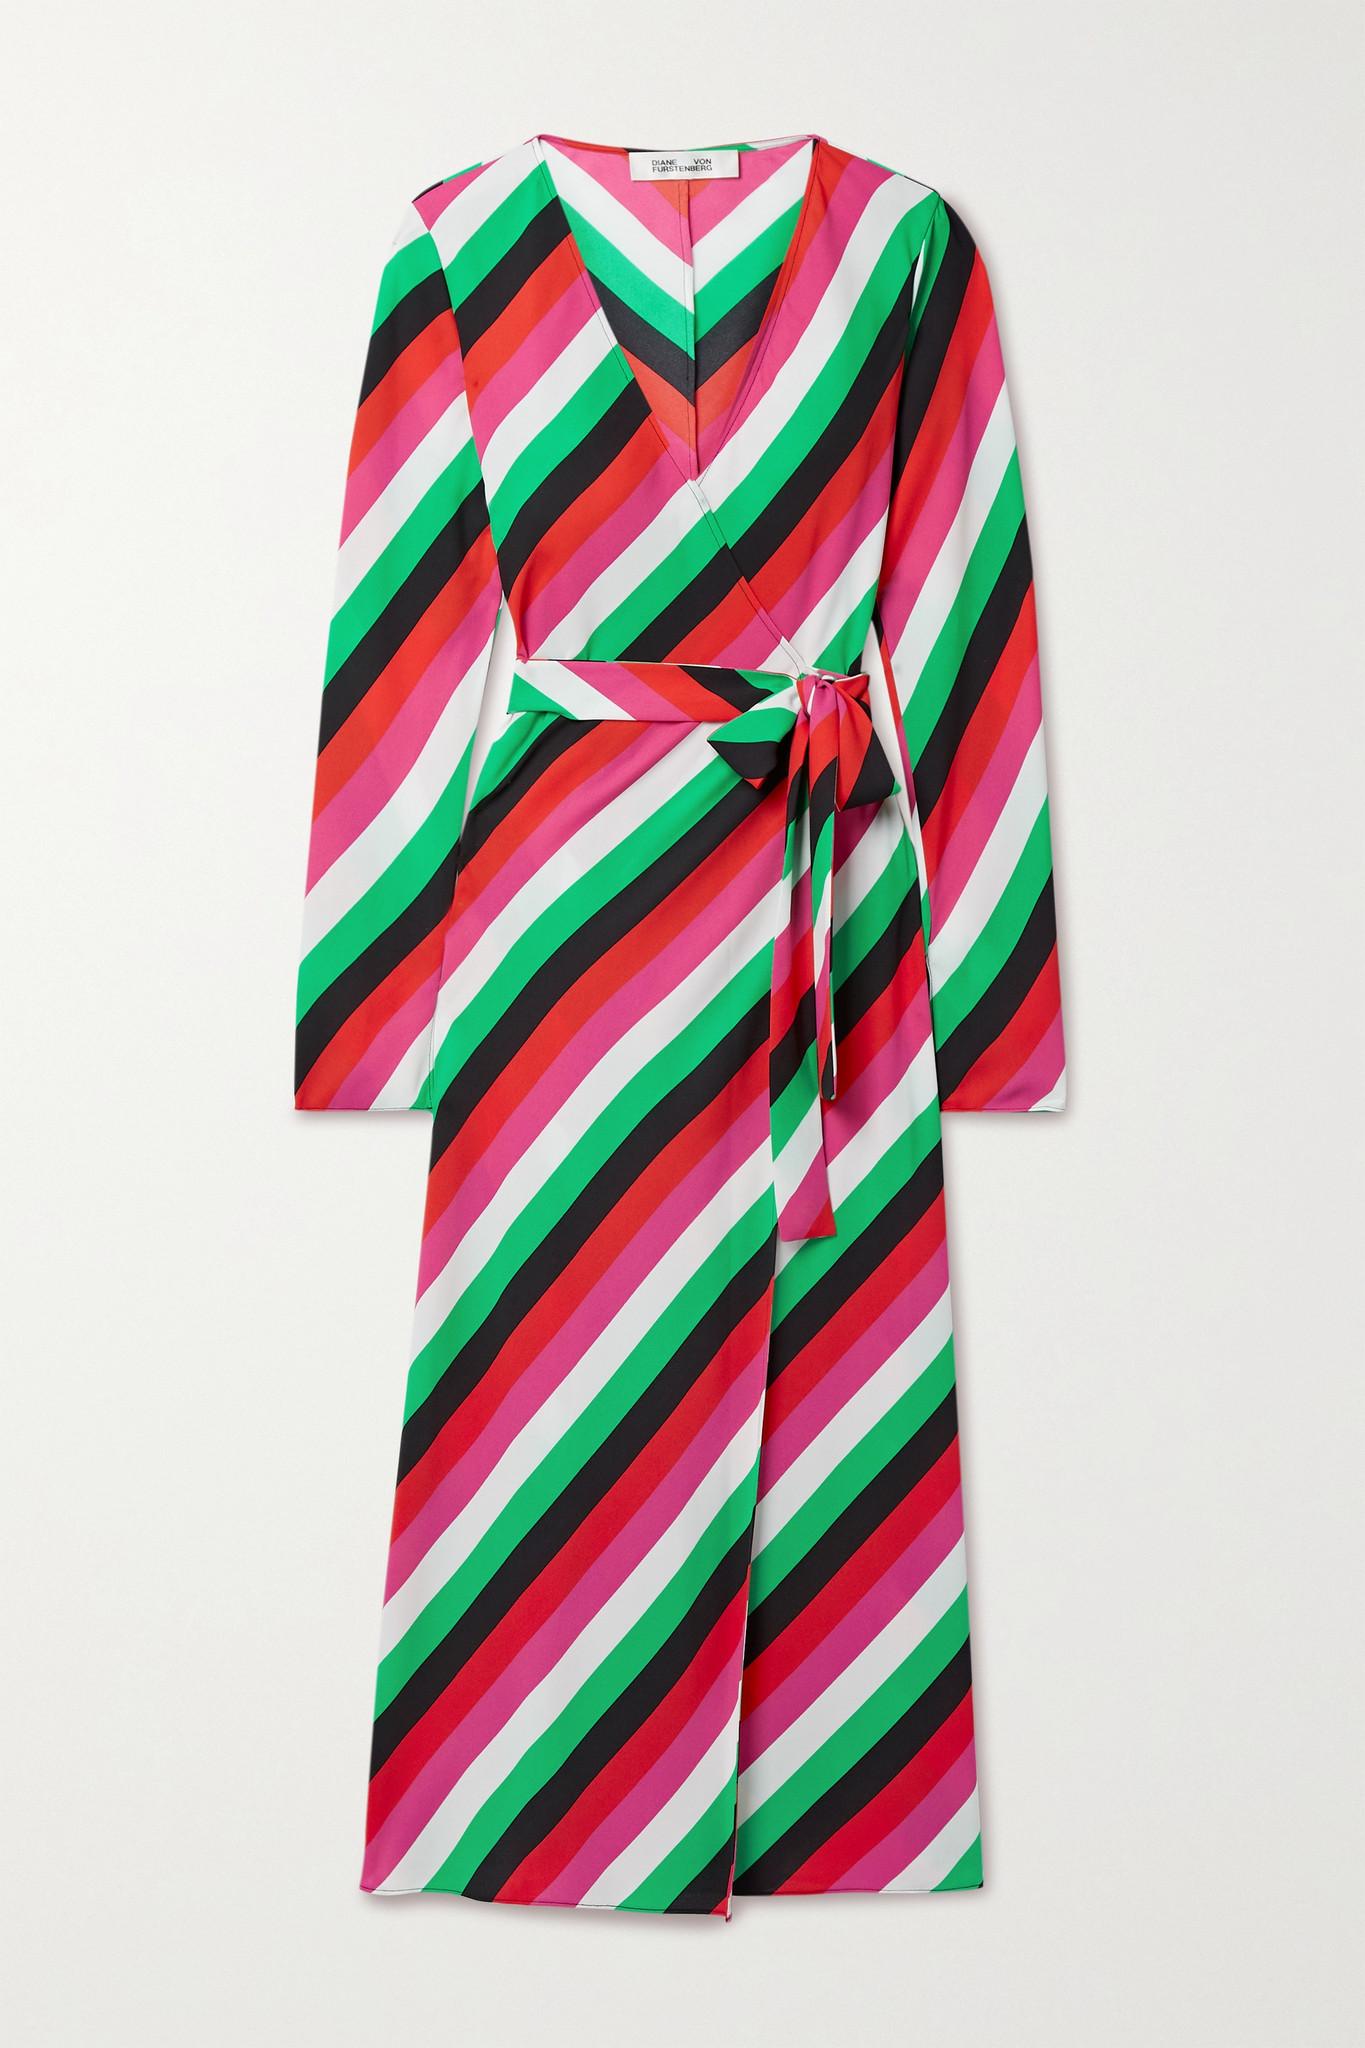 DIANE VON FURSTENBERG - Tilly 条纹绉纱裹身连衣裙 - 绿色 - small